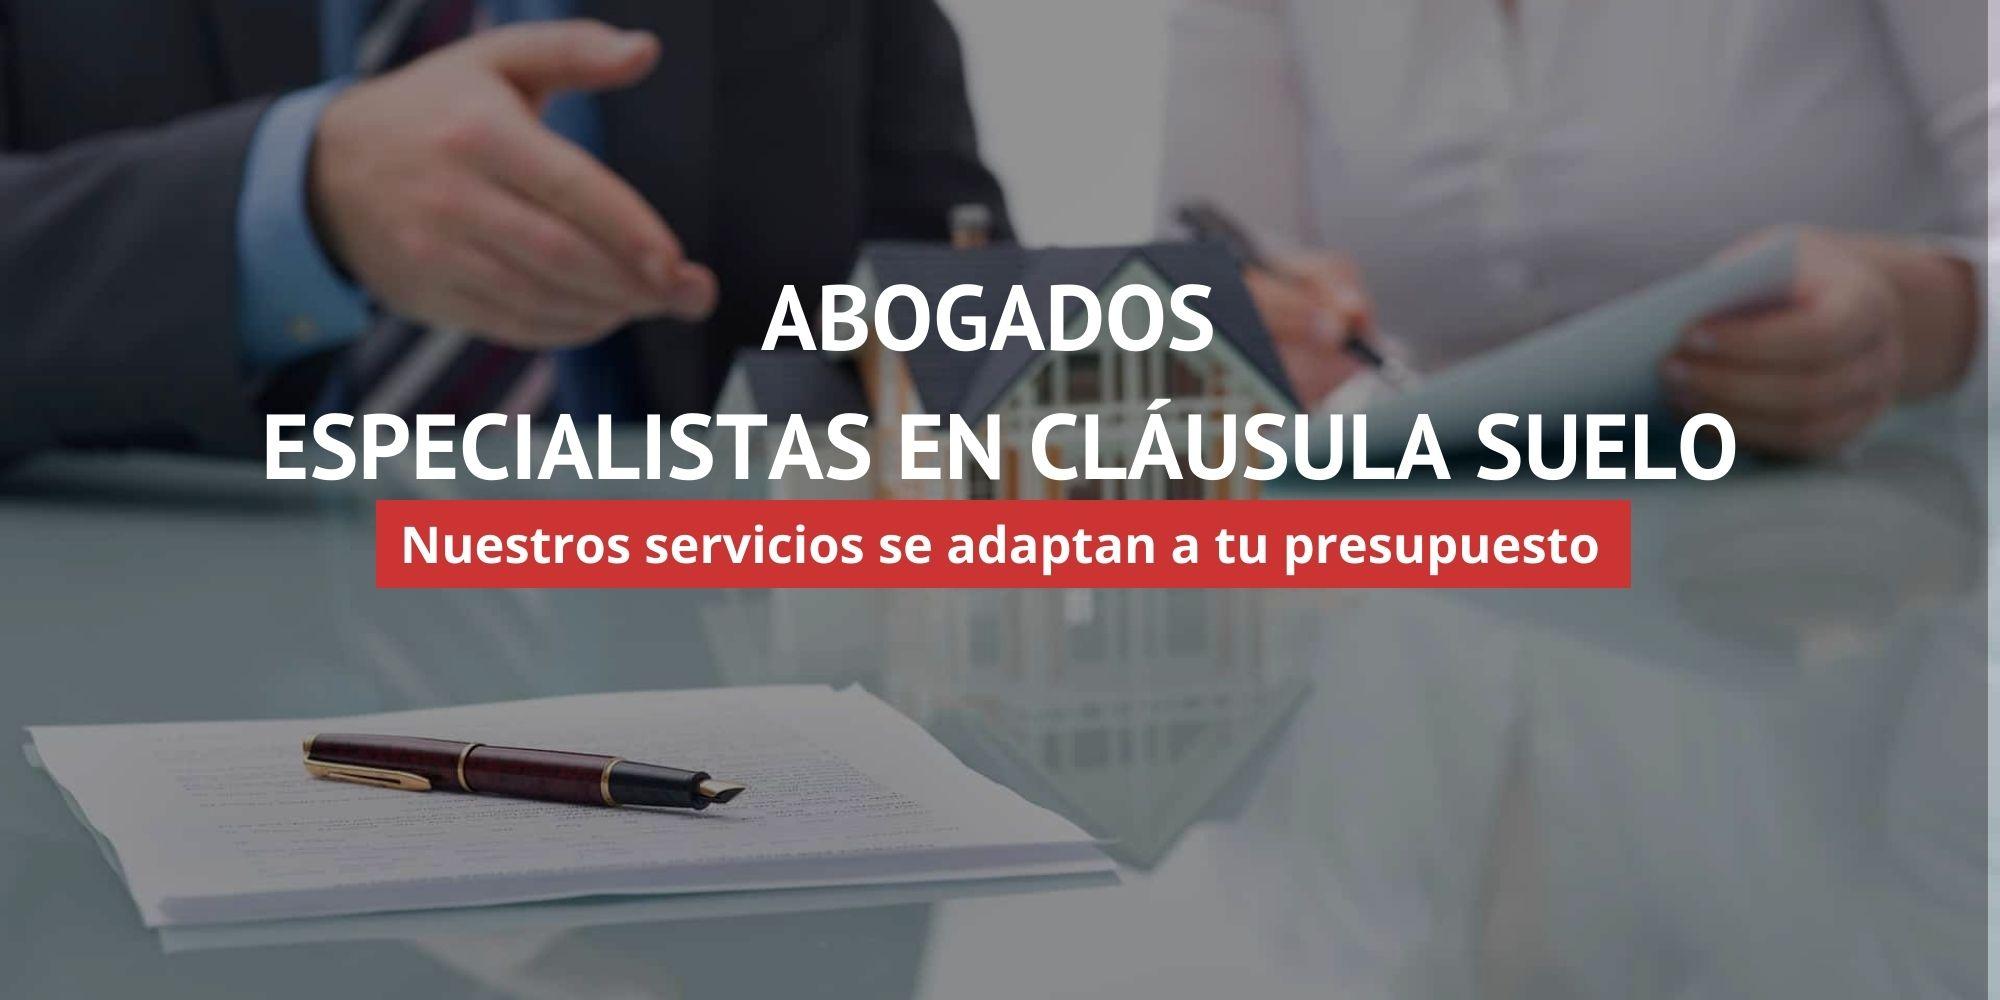 Abogados Cláusula Suelo Murcia | ACC LEGAL ABOGADOS